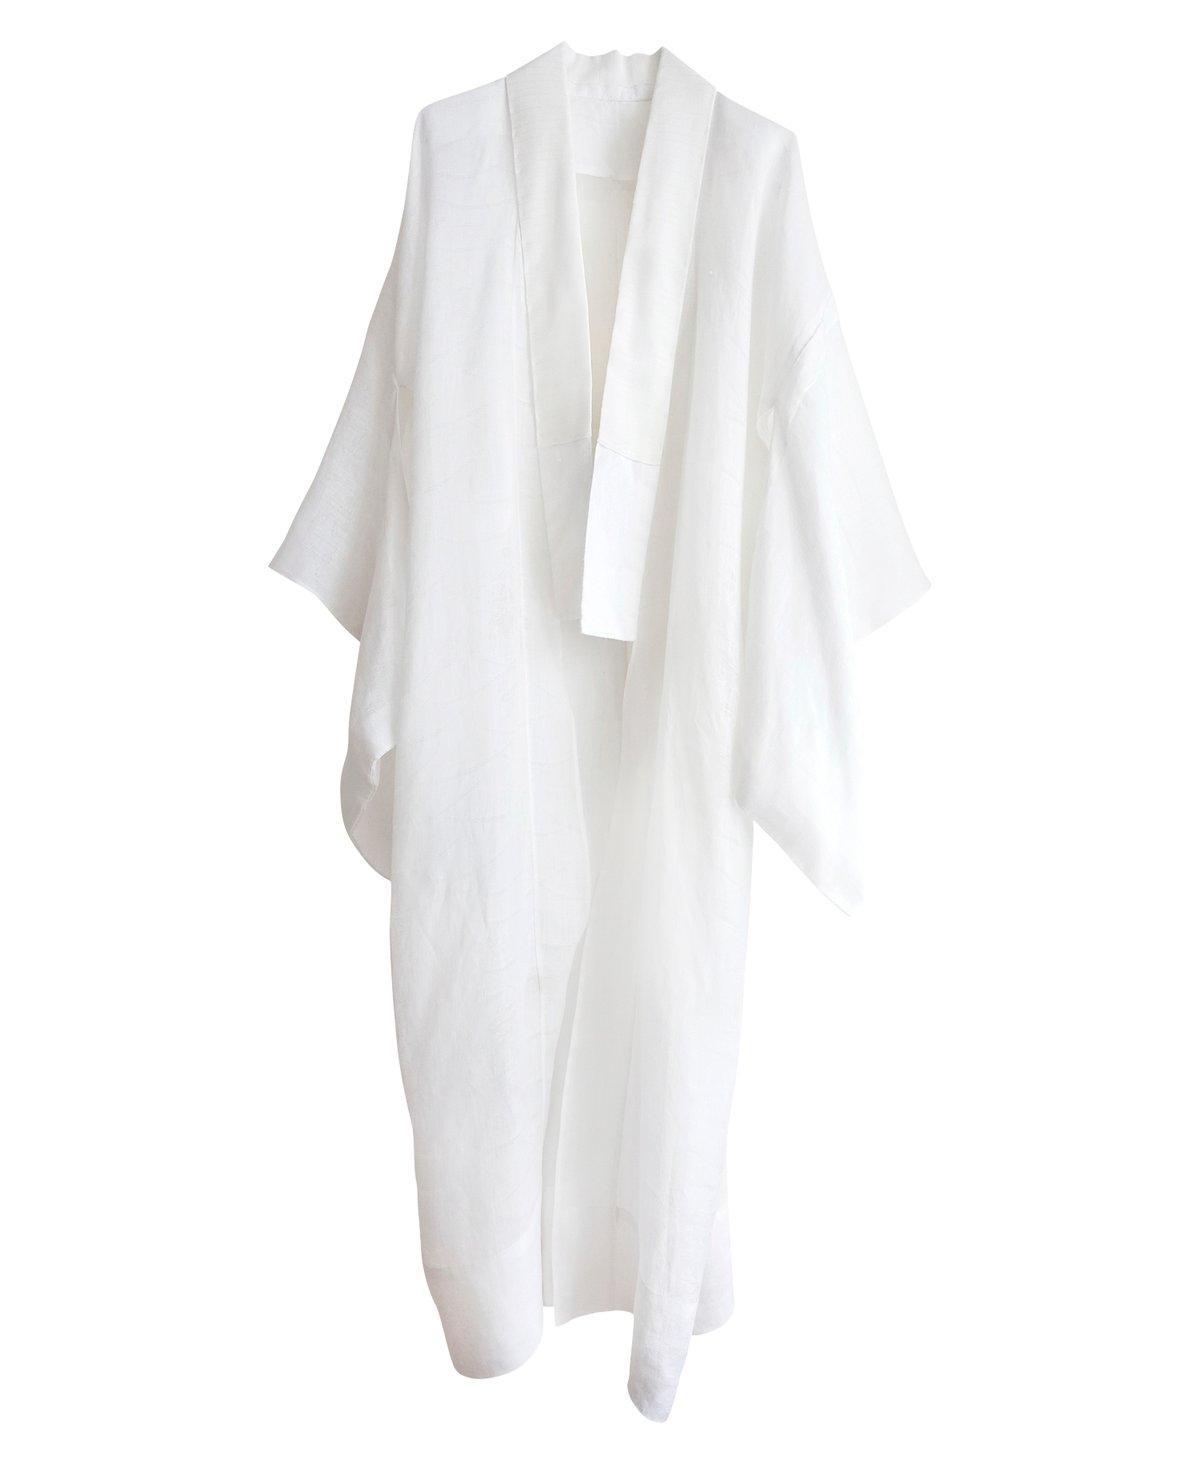 Image of Hvid kimono af bomuldshør med hulmønster